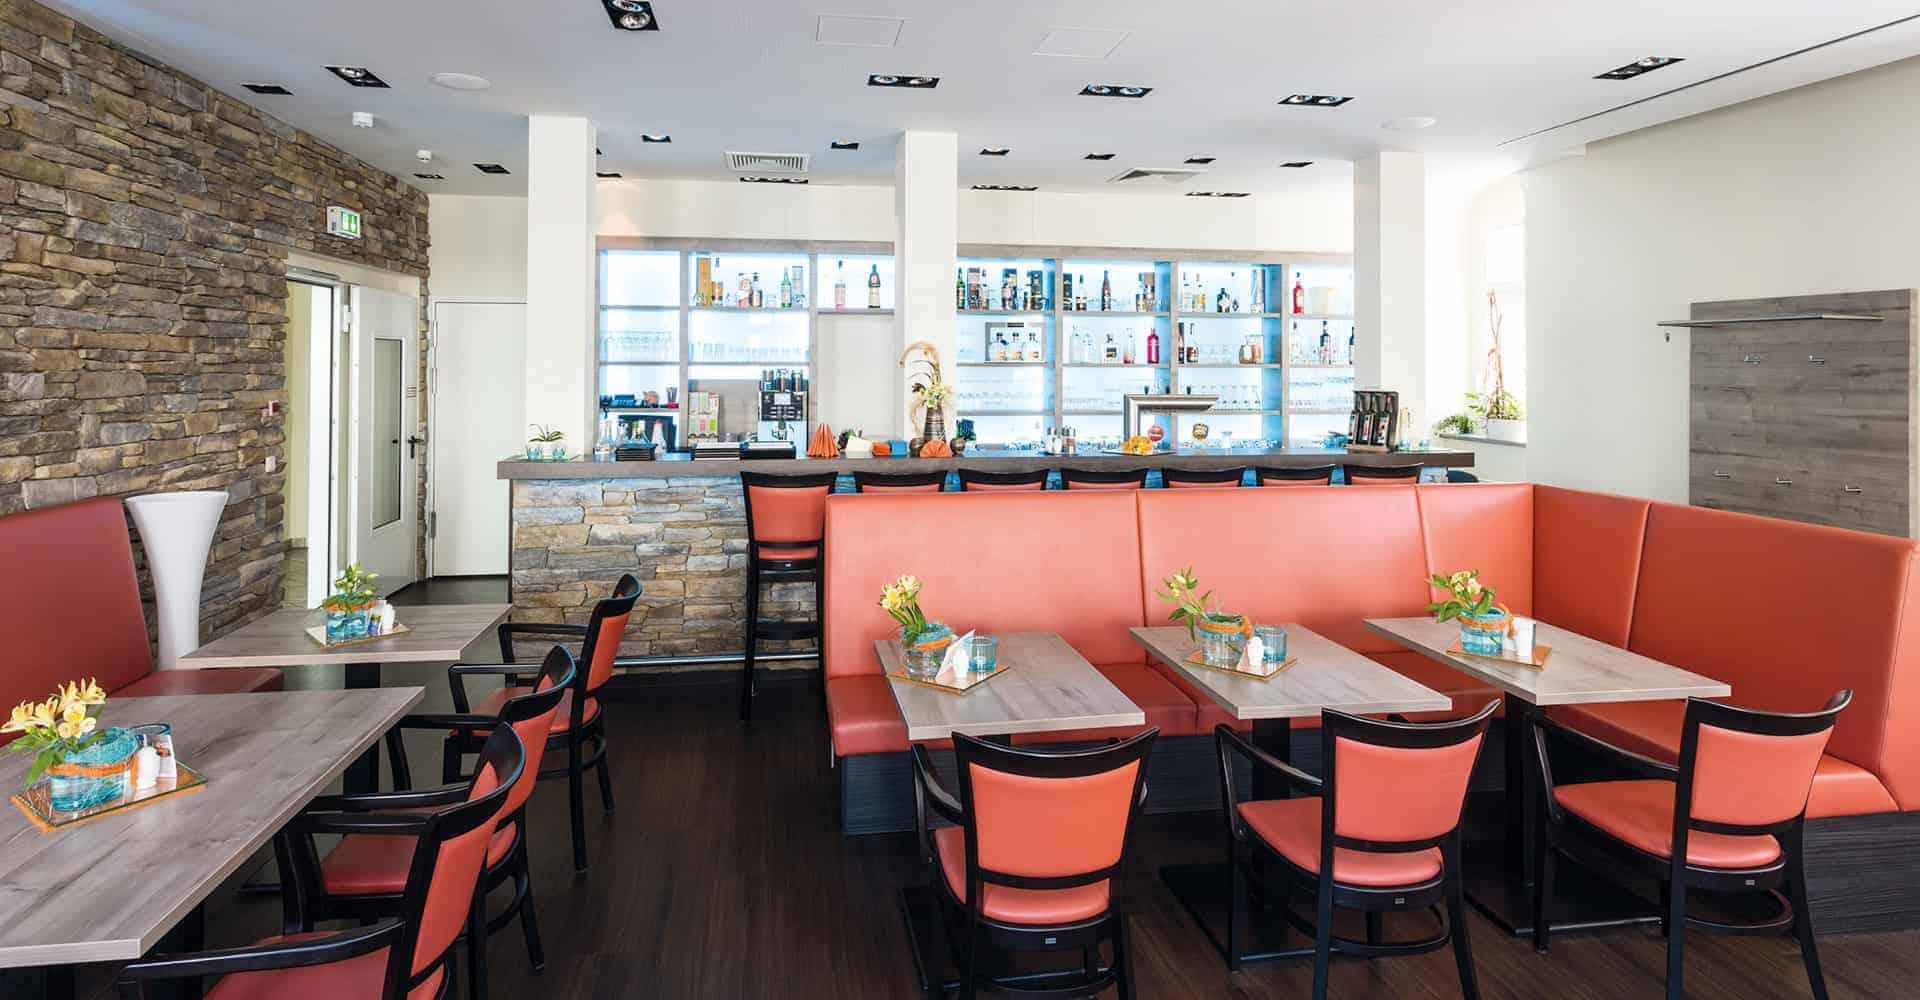 HOTEL GOLDENER LÖWE   INNENAUSBAU HOTEL UND RESTAURANT   Komplette Sanierung der Hotelzimmer, der Flure, des Empfangs und des Restaurants eines 23 Jahre lang brachliegendes Hotels.